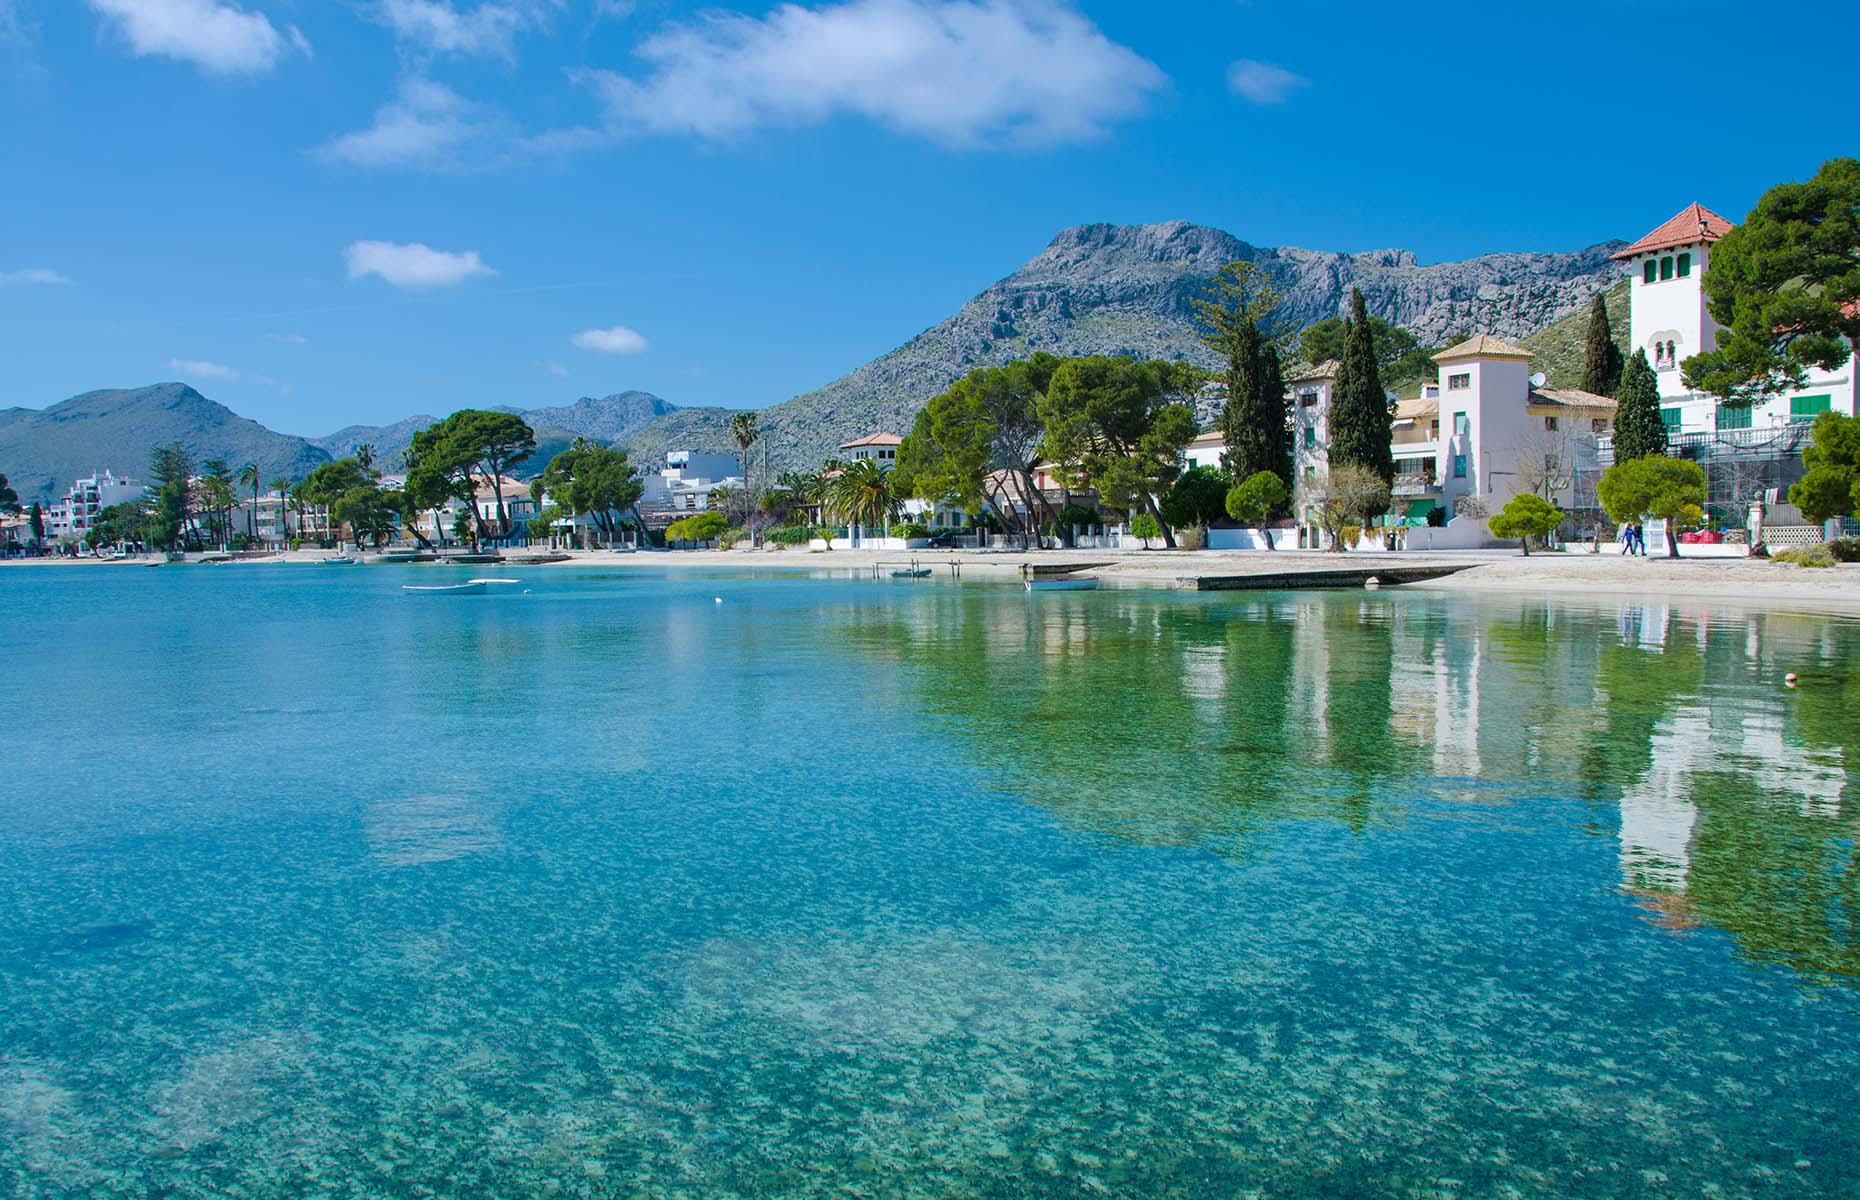 Port de Pollenca in Mallorca (Image: Rafael Martin-Gaitero/Shutterstock)